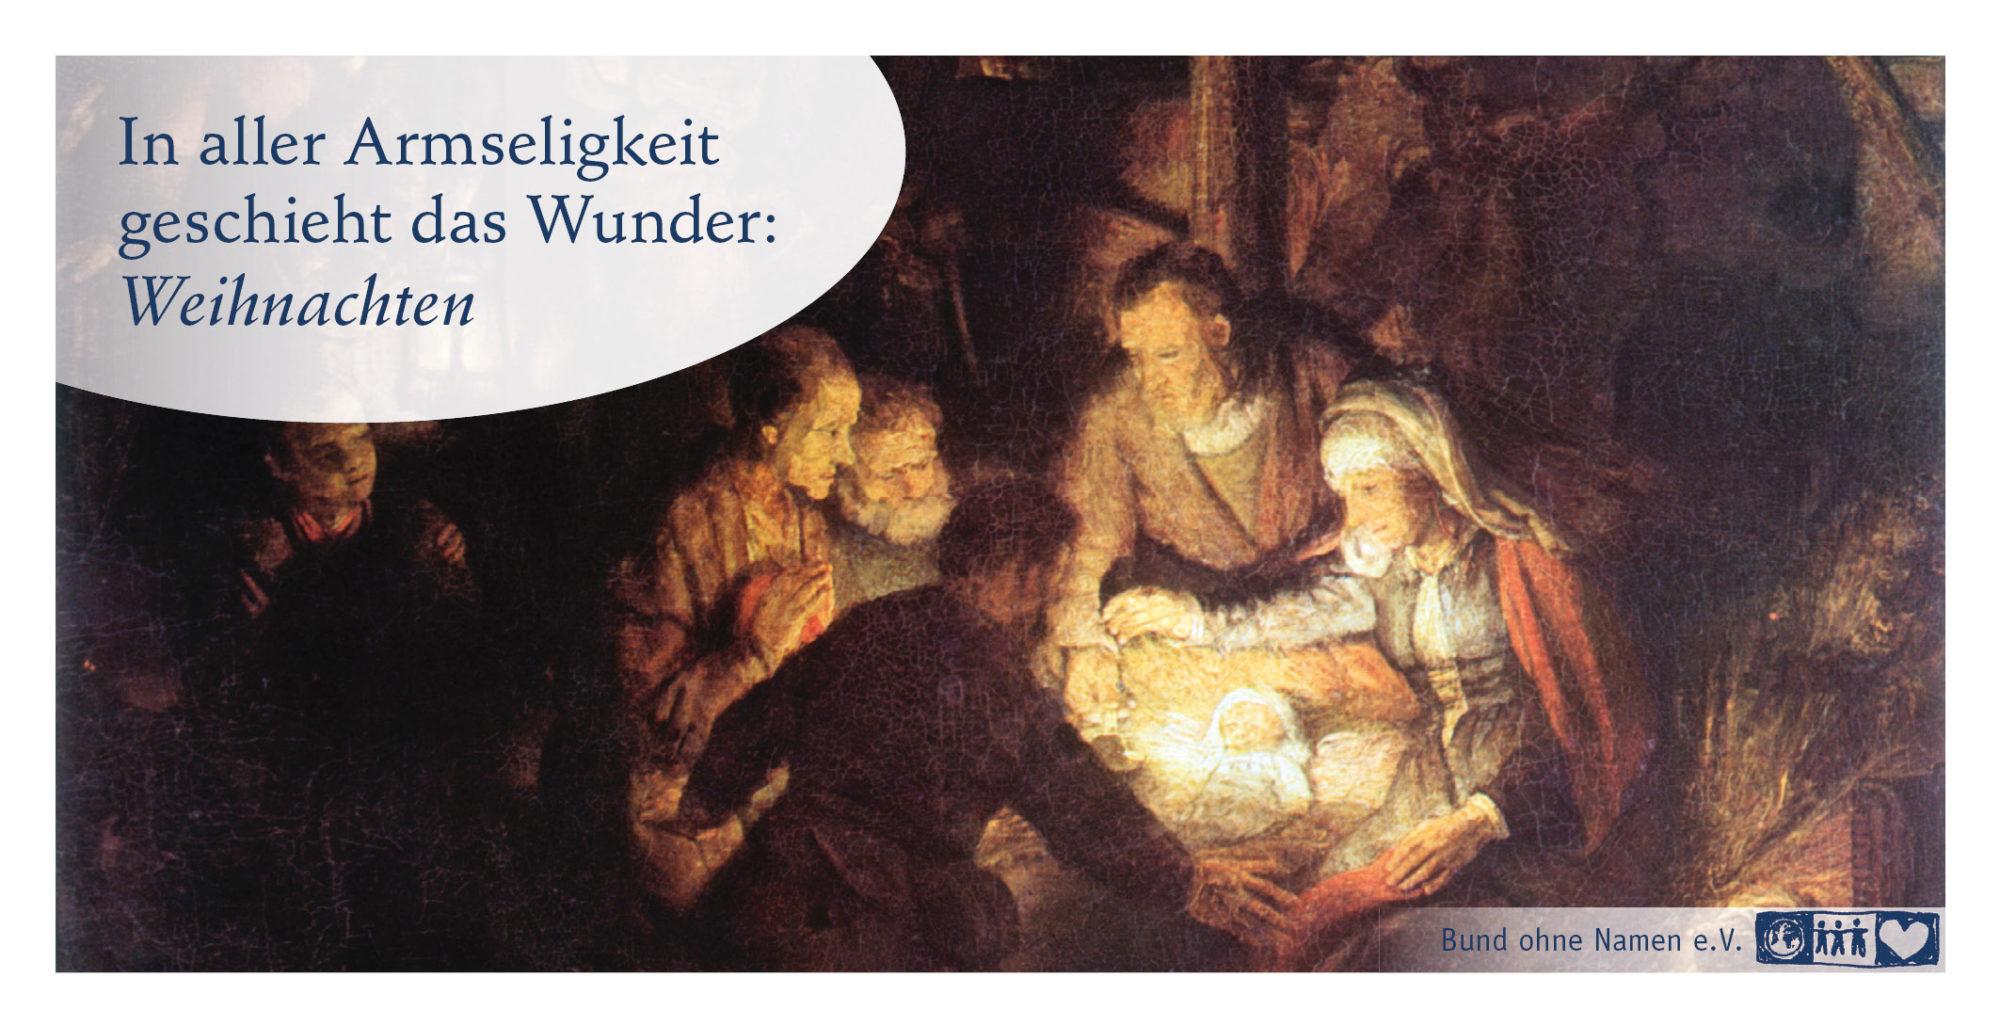 In aller Armseligkeit geschieht das Wunder: Weihnachten